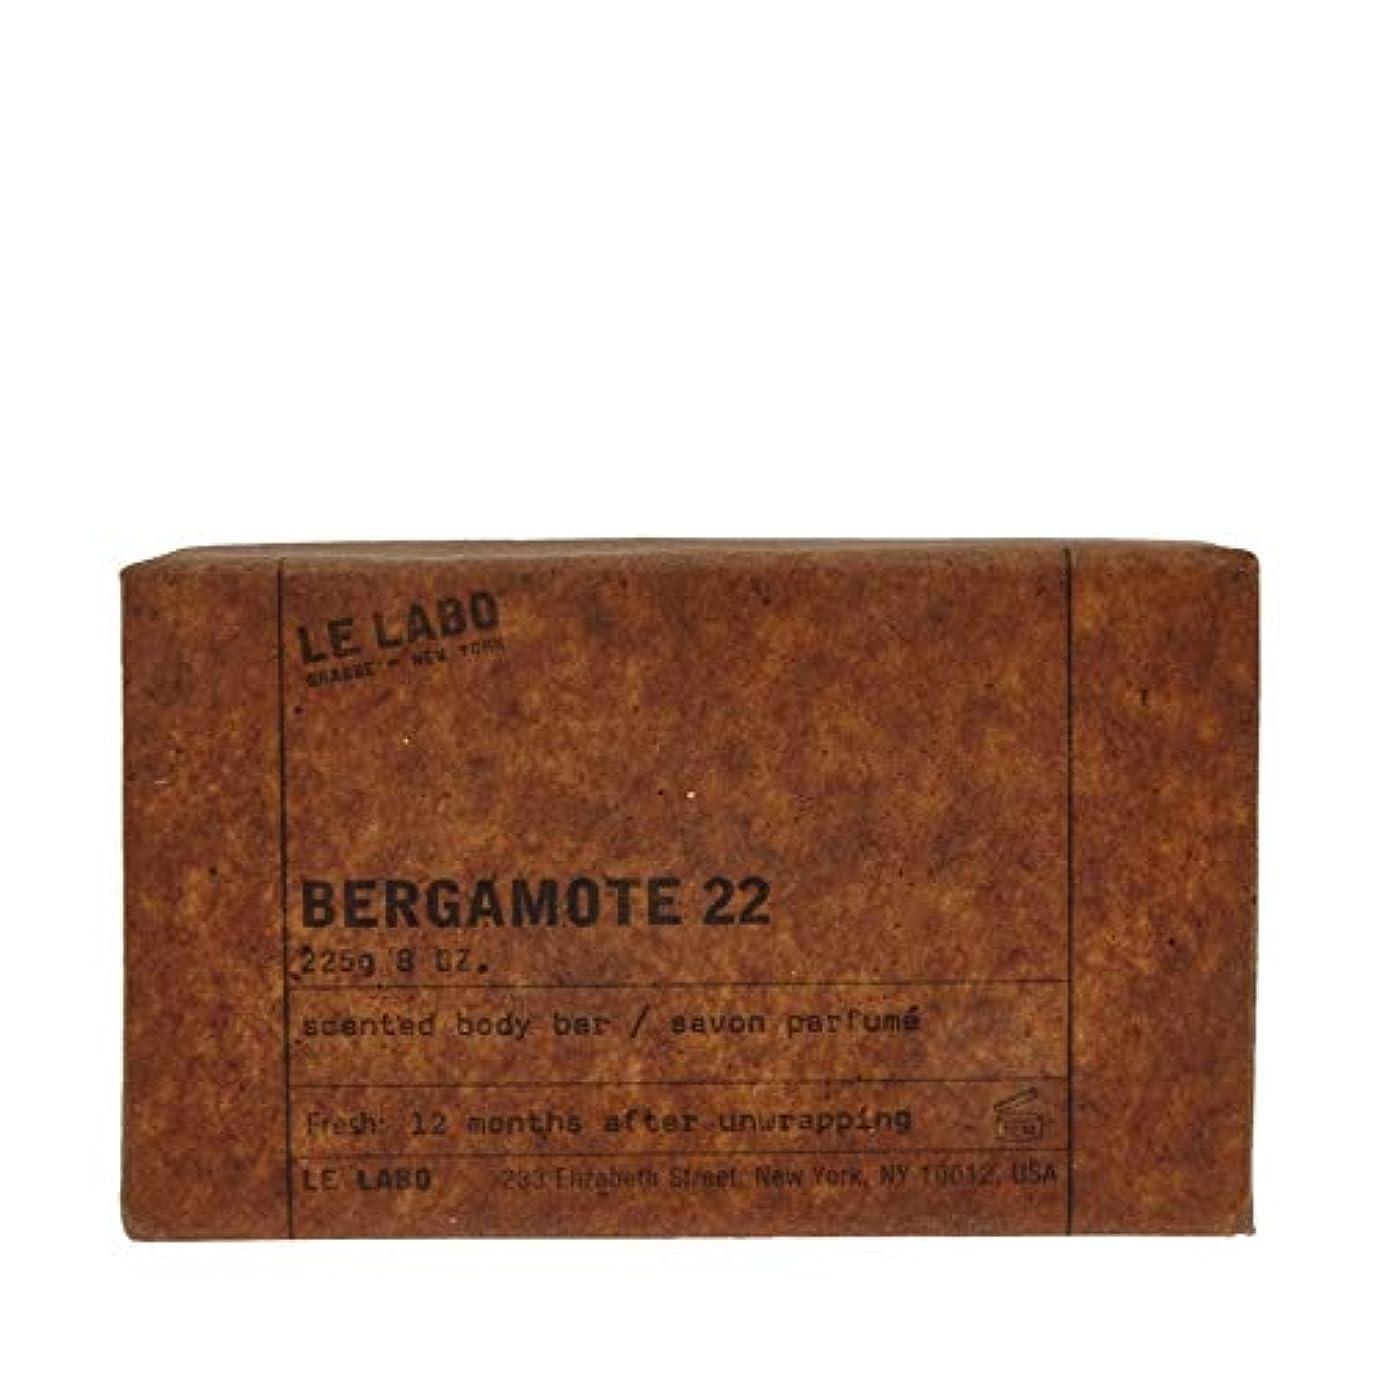 武器売上高ピニオン[Le Labo ] ルラボBergamote 22石鹸225グラム - Le Labo Bergamote 22 Soap 225g [並行輸入品]